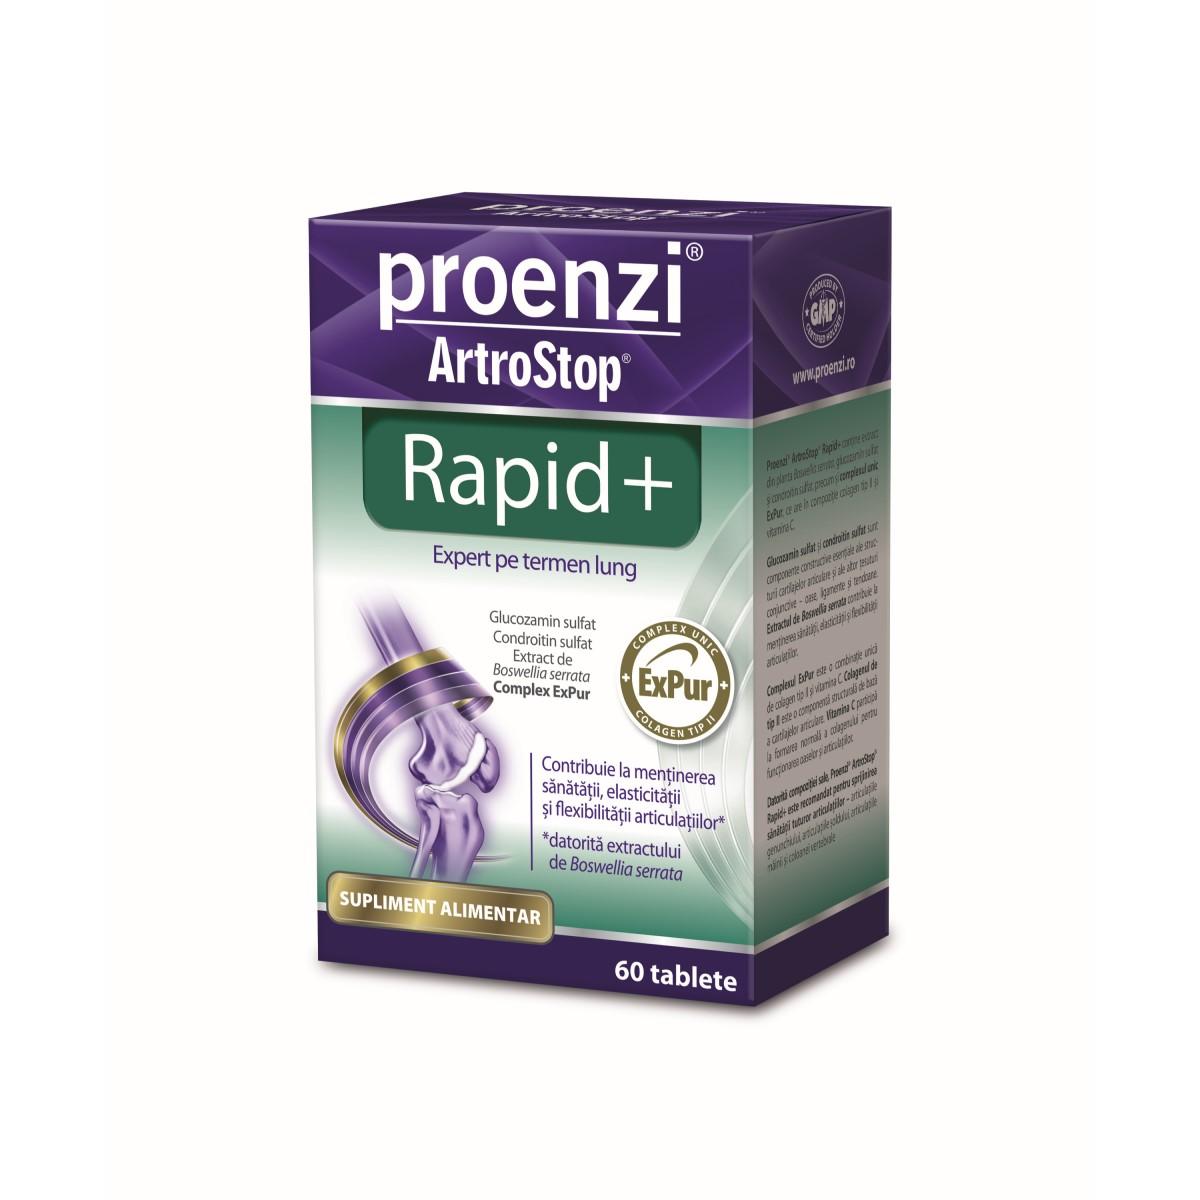 medicament pentru elasticitatea articulațiilor băi de radon pentru tratamentul artrozei